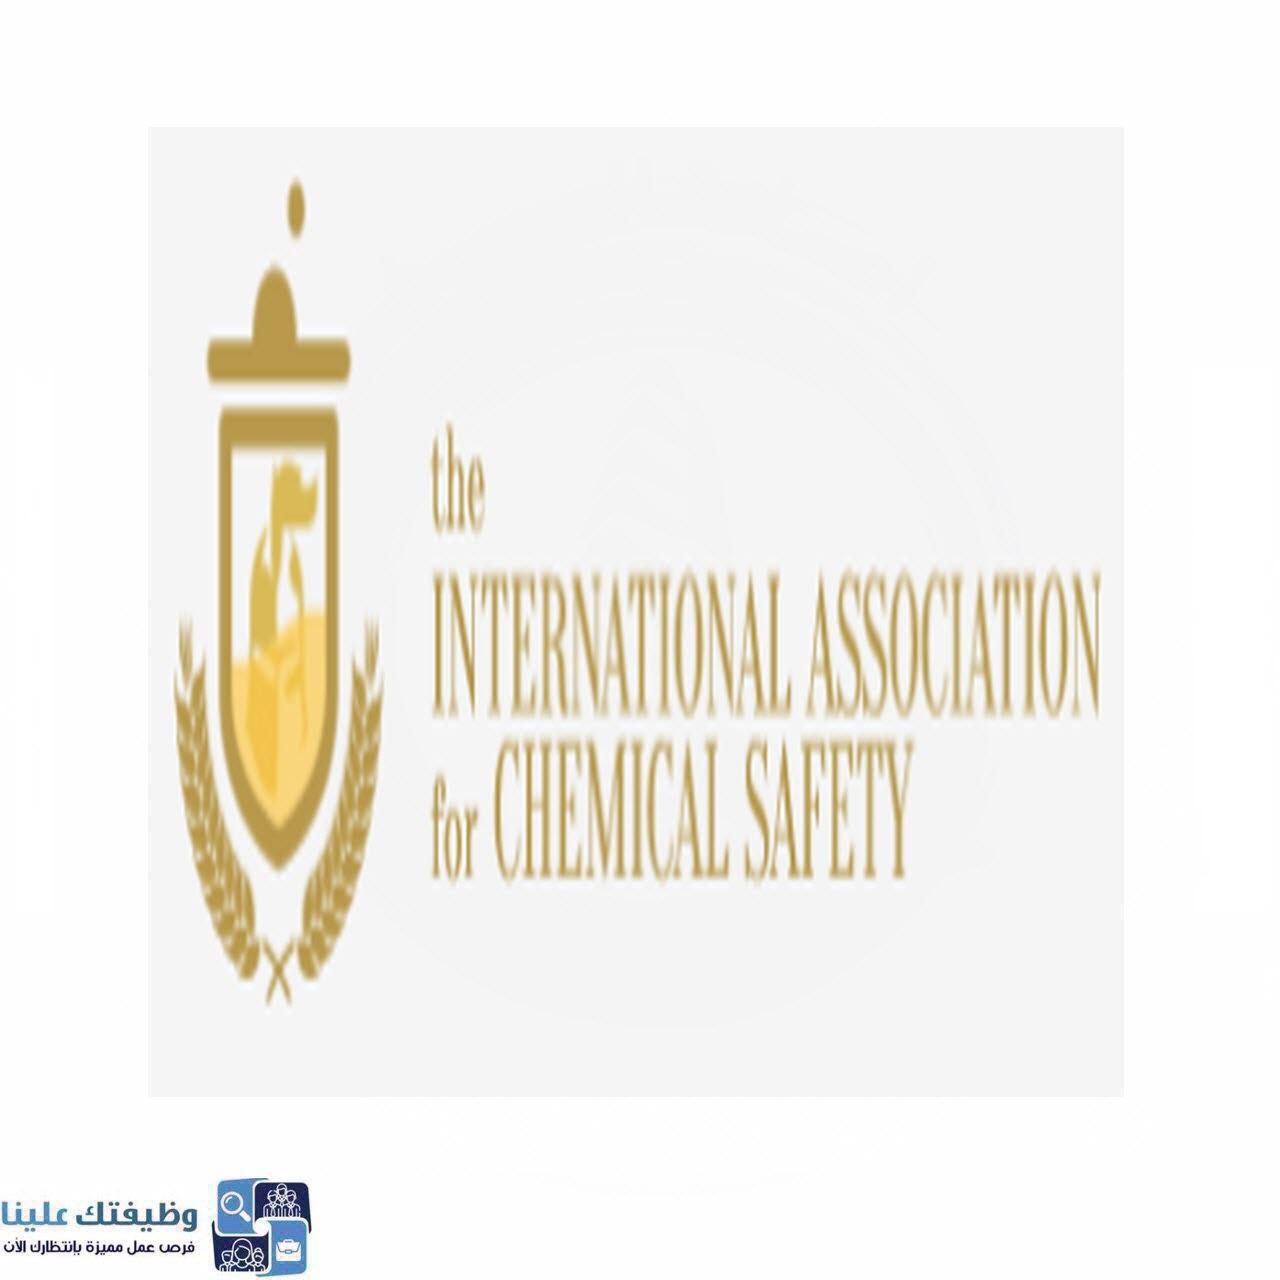 الرابطة الدولية للسلامة الكيميائية